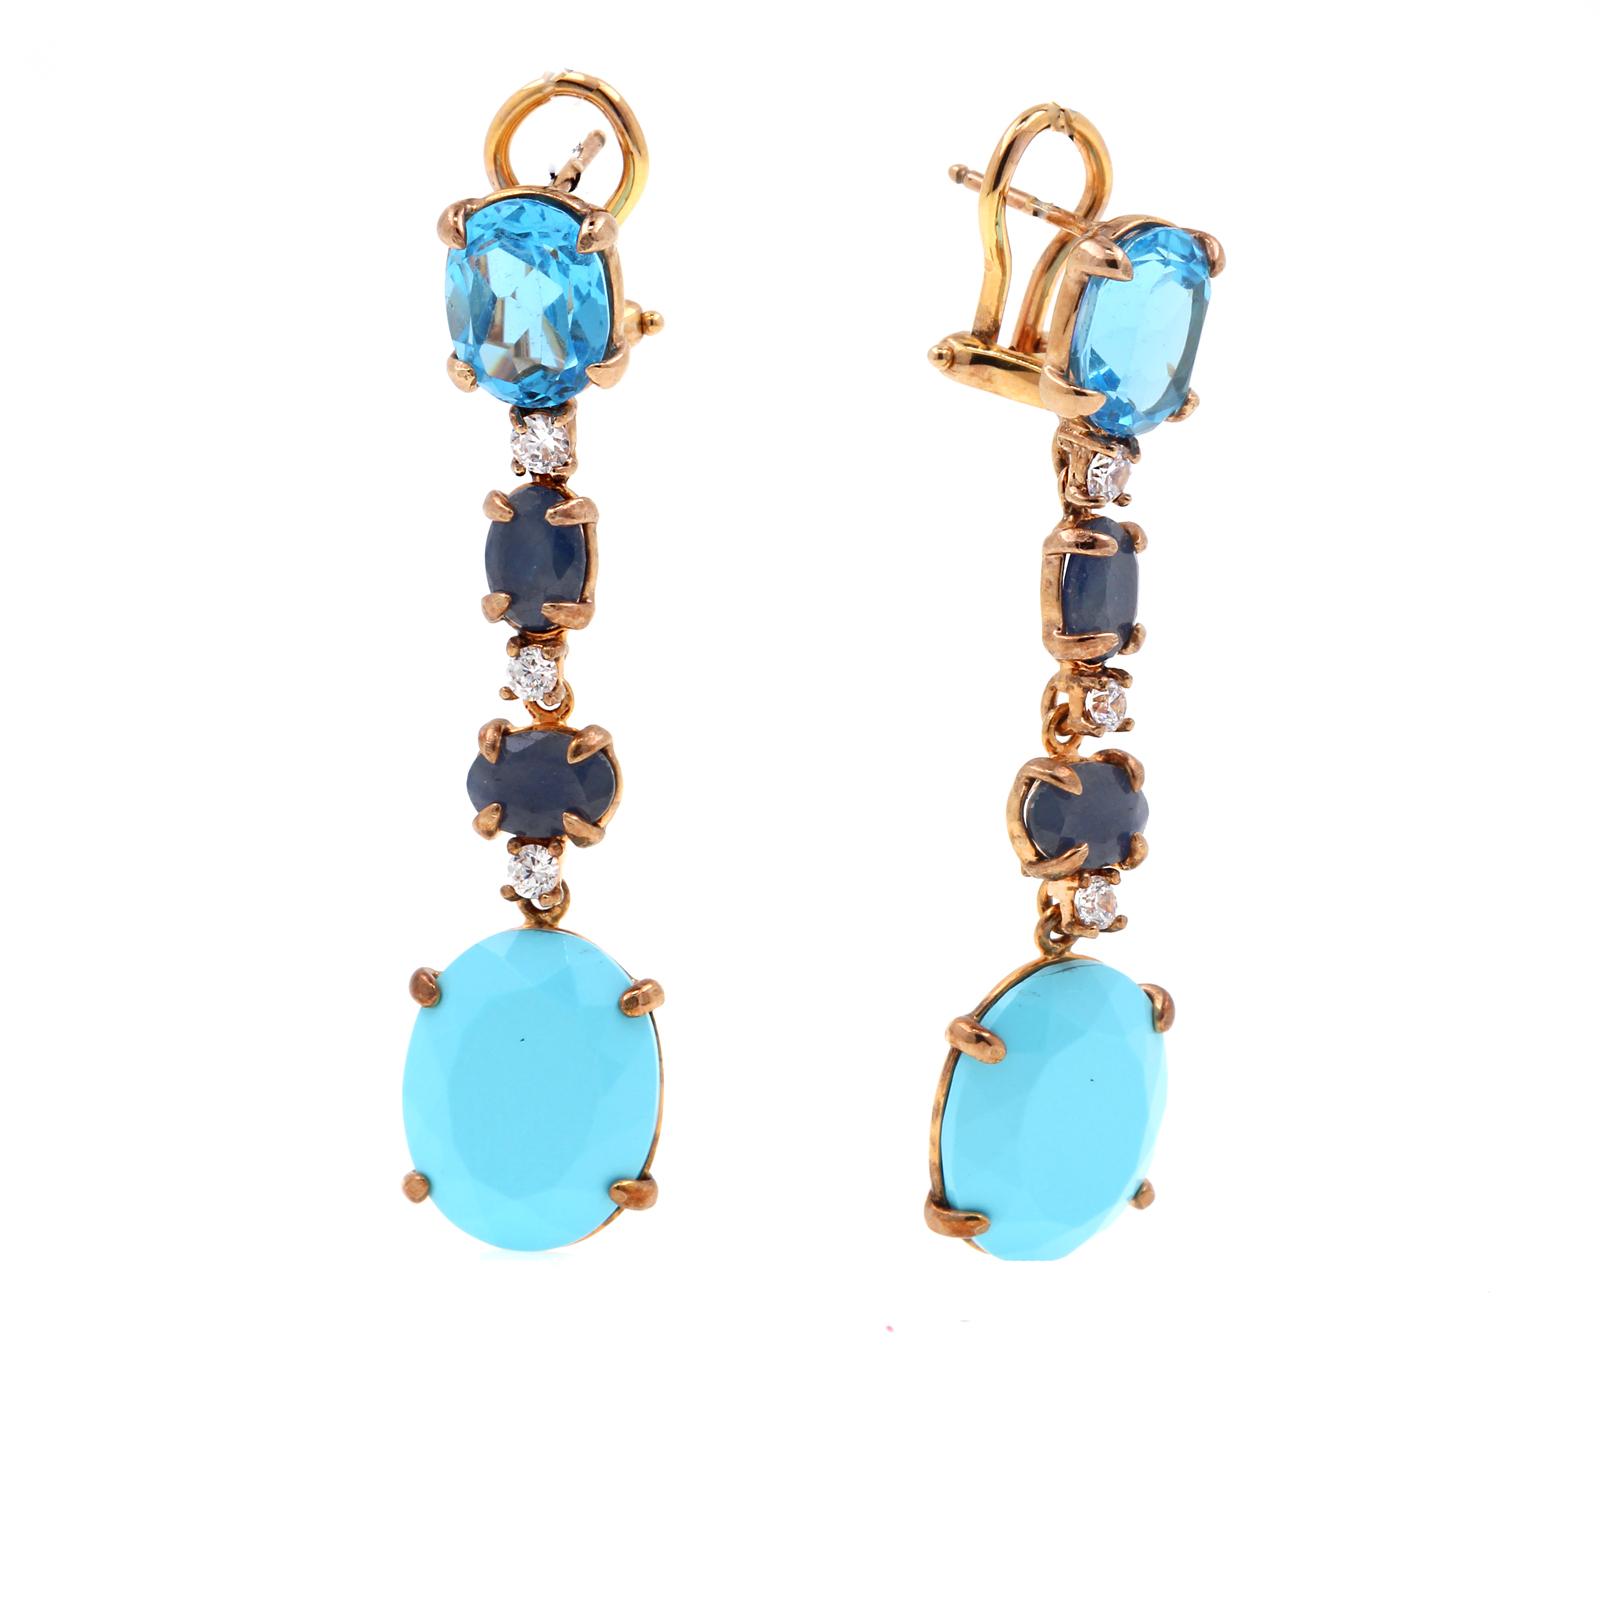 pendientes plata azules - pendientes largos azules - pendientes plata dorada - pendientes topacio - pendientes zafiro - pendientes turquesa